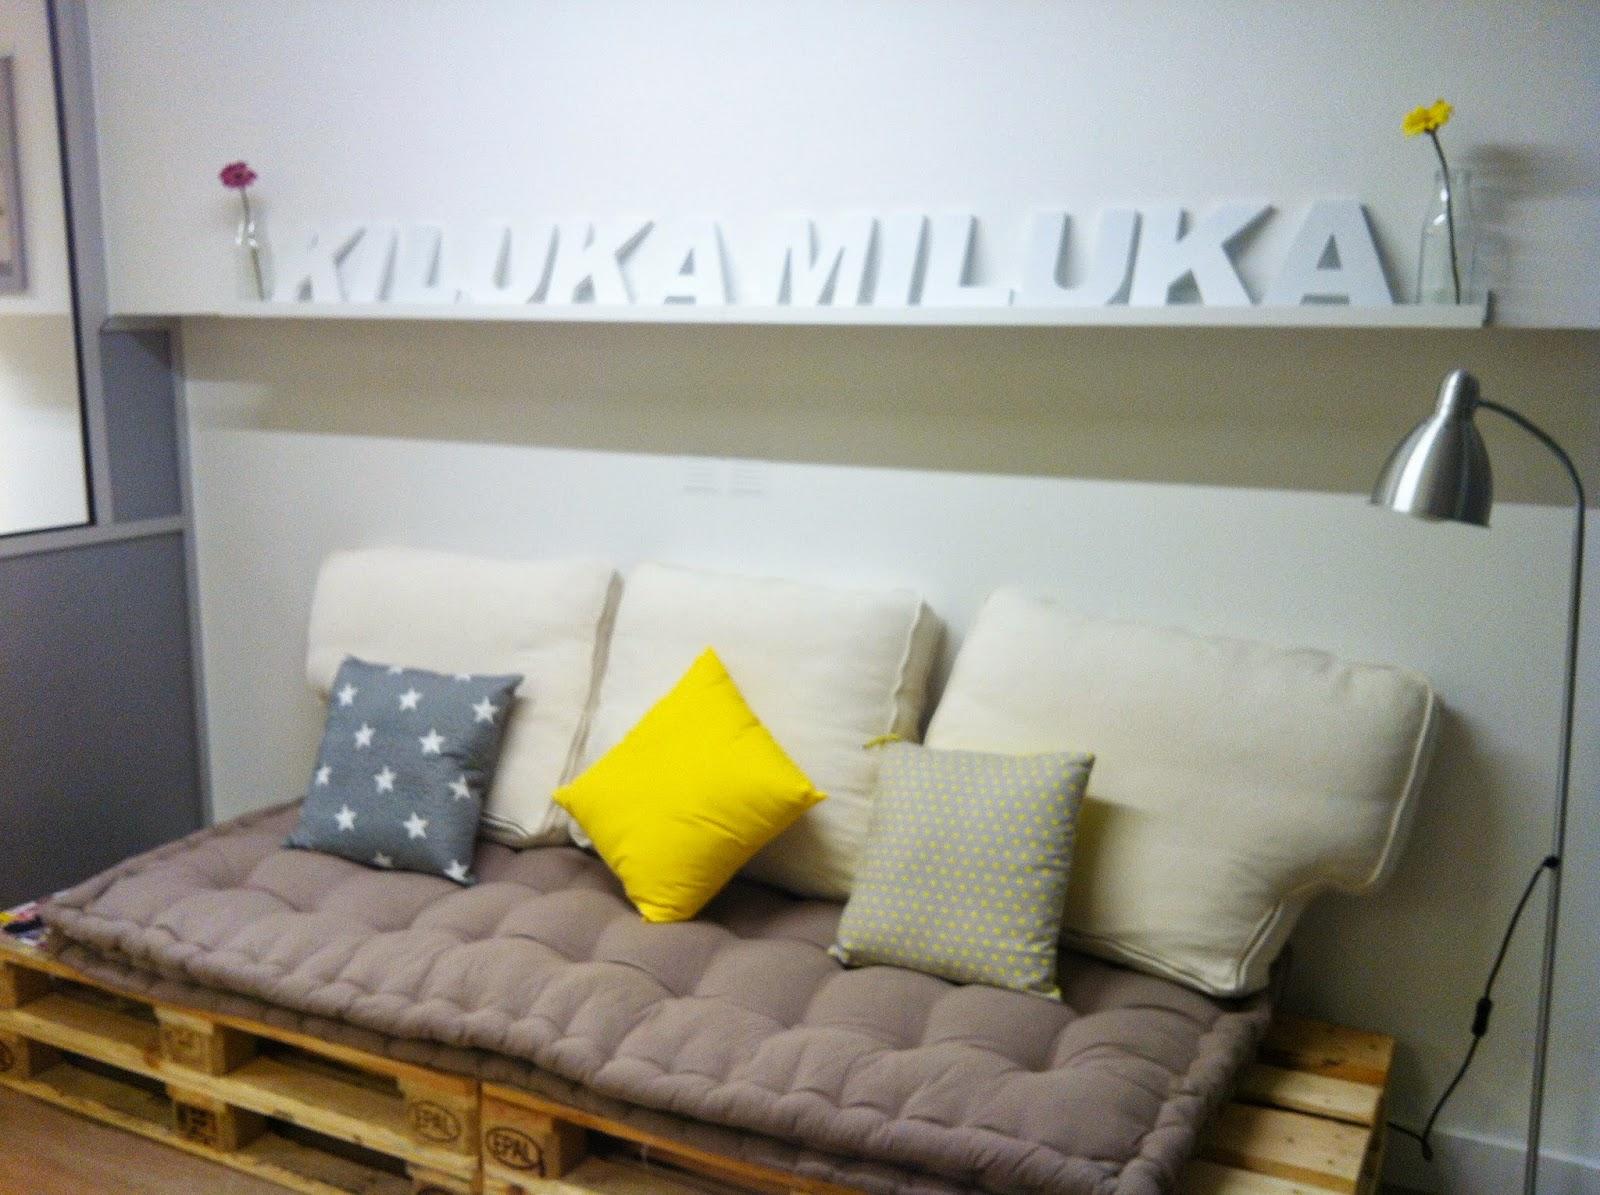 Zona café Kiluka Miluka